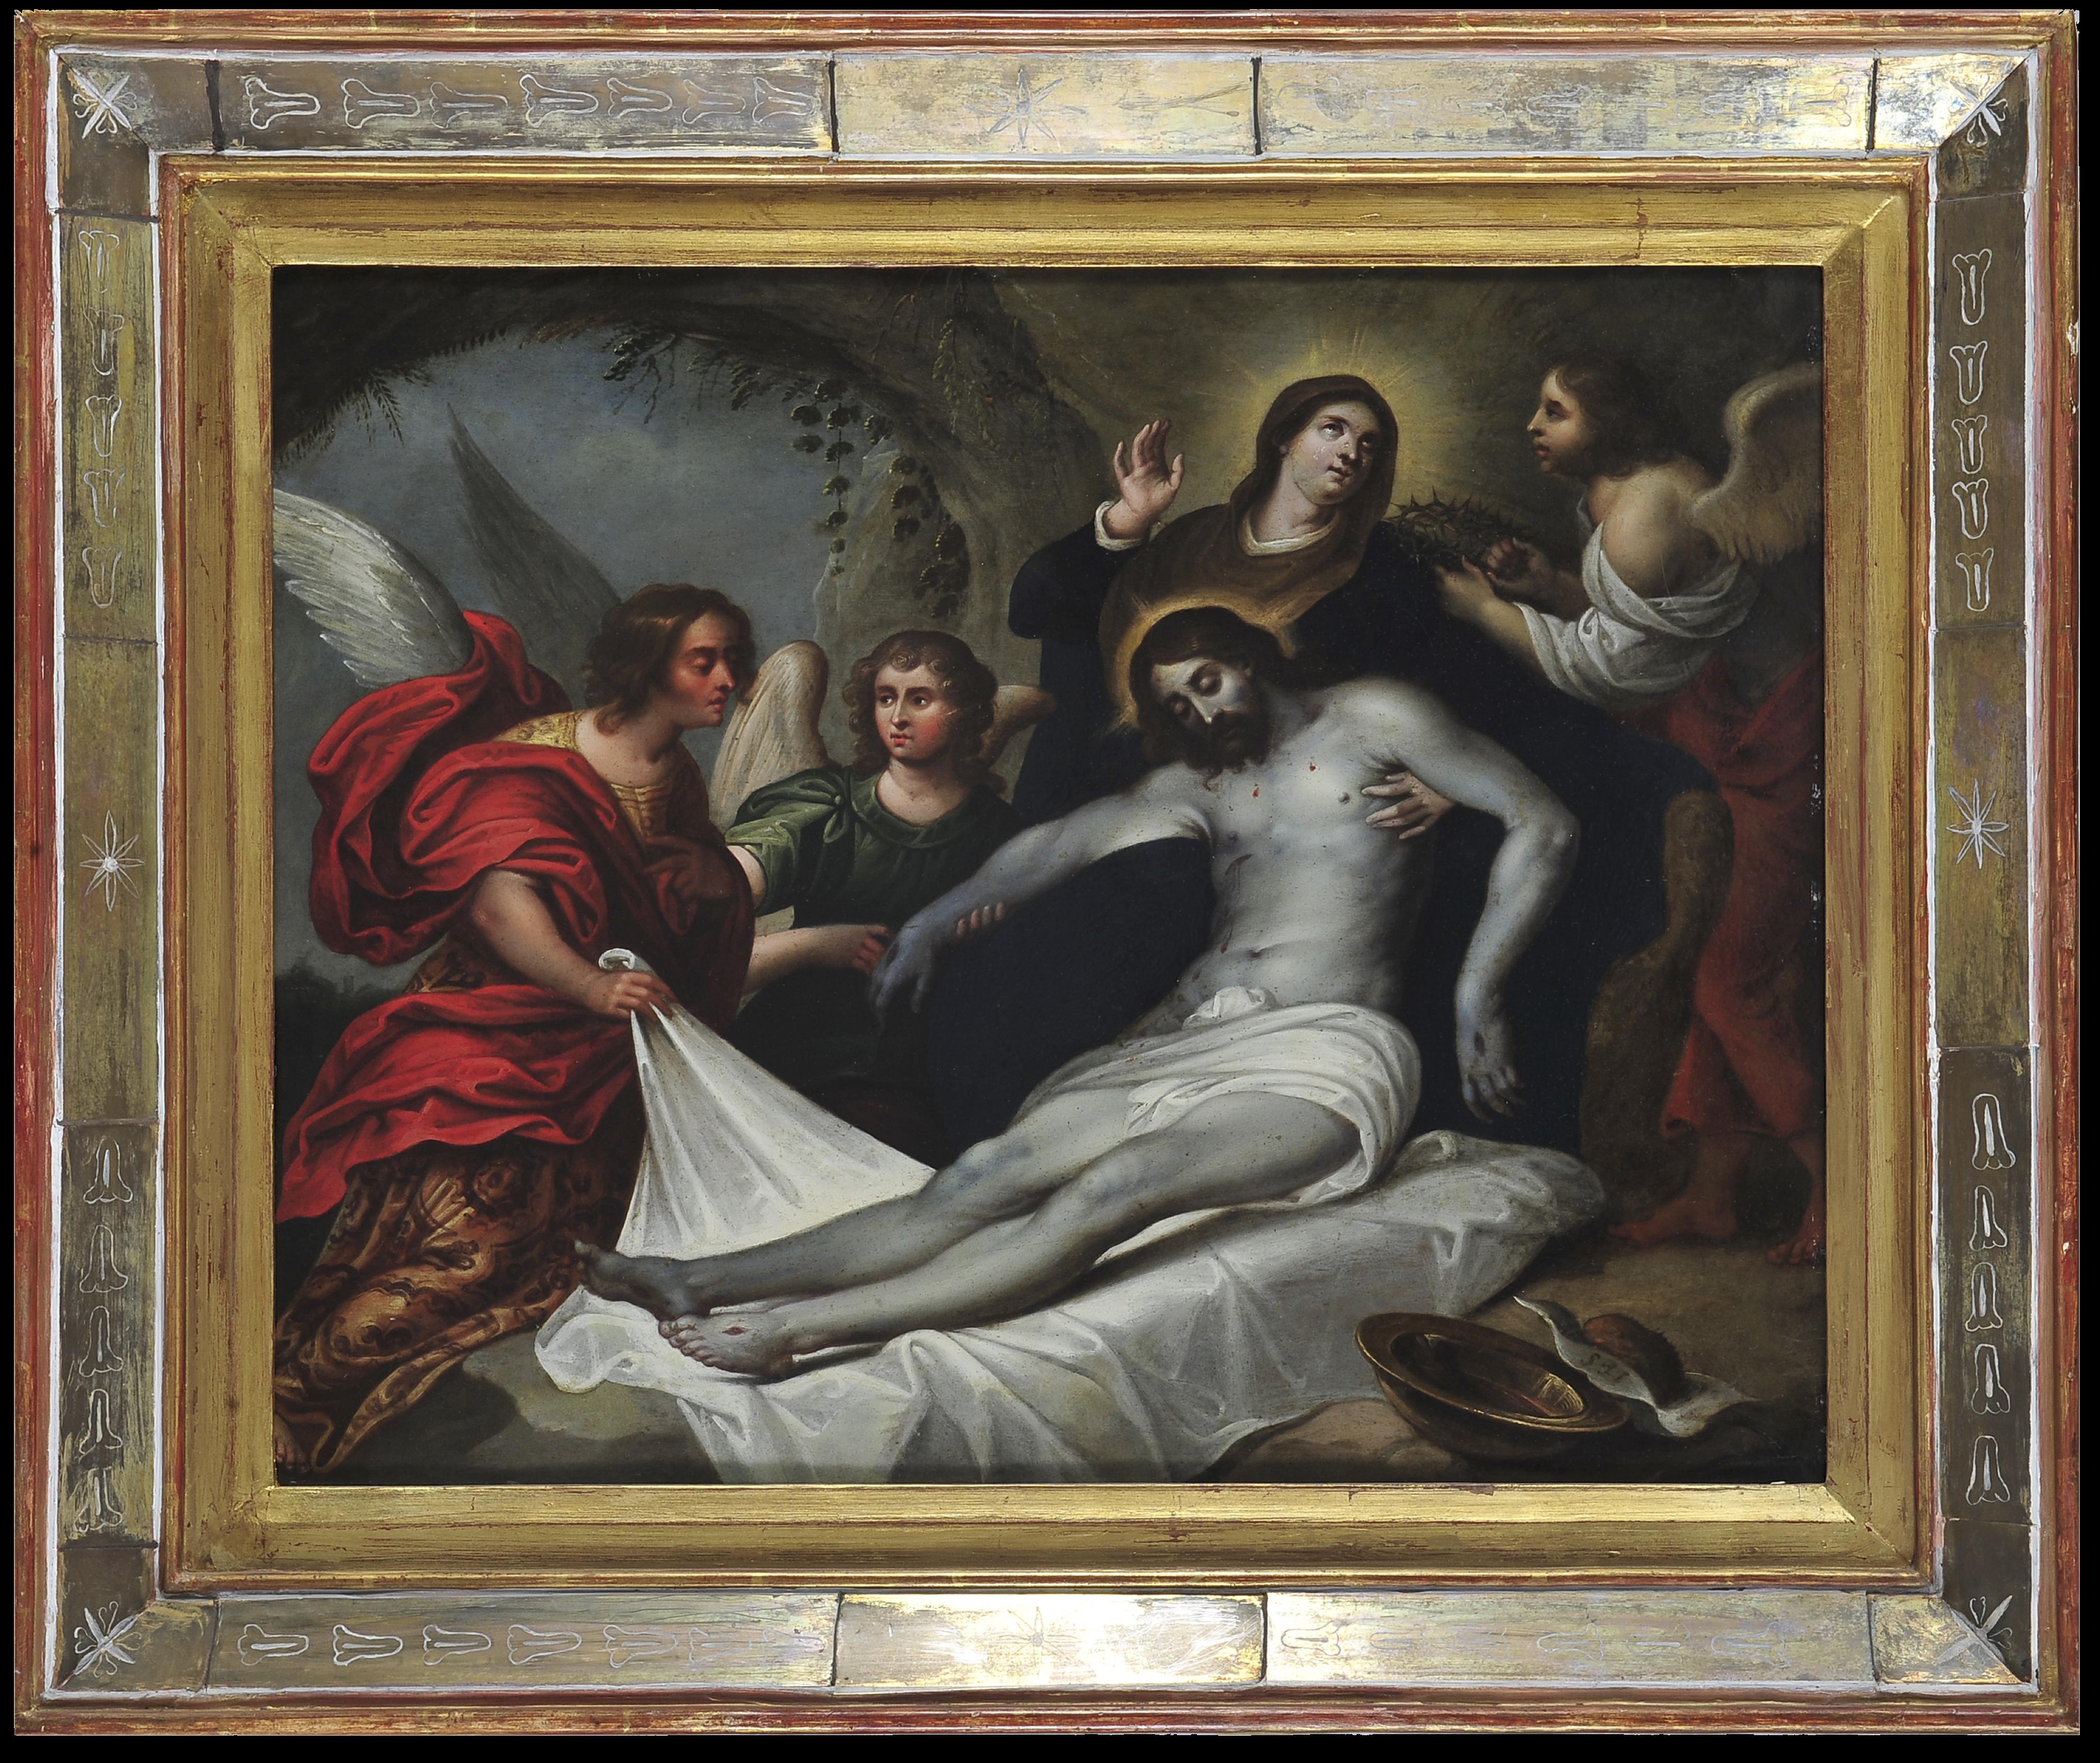 Lamentaciones sobre el cuerpo de Cristo | Creación y restauración: lo singular y complejo del arte | Museo Amparo, Puebla